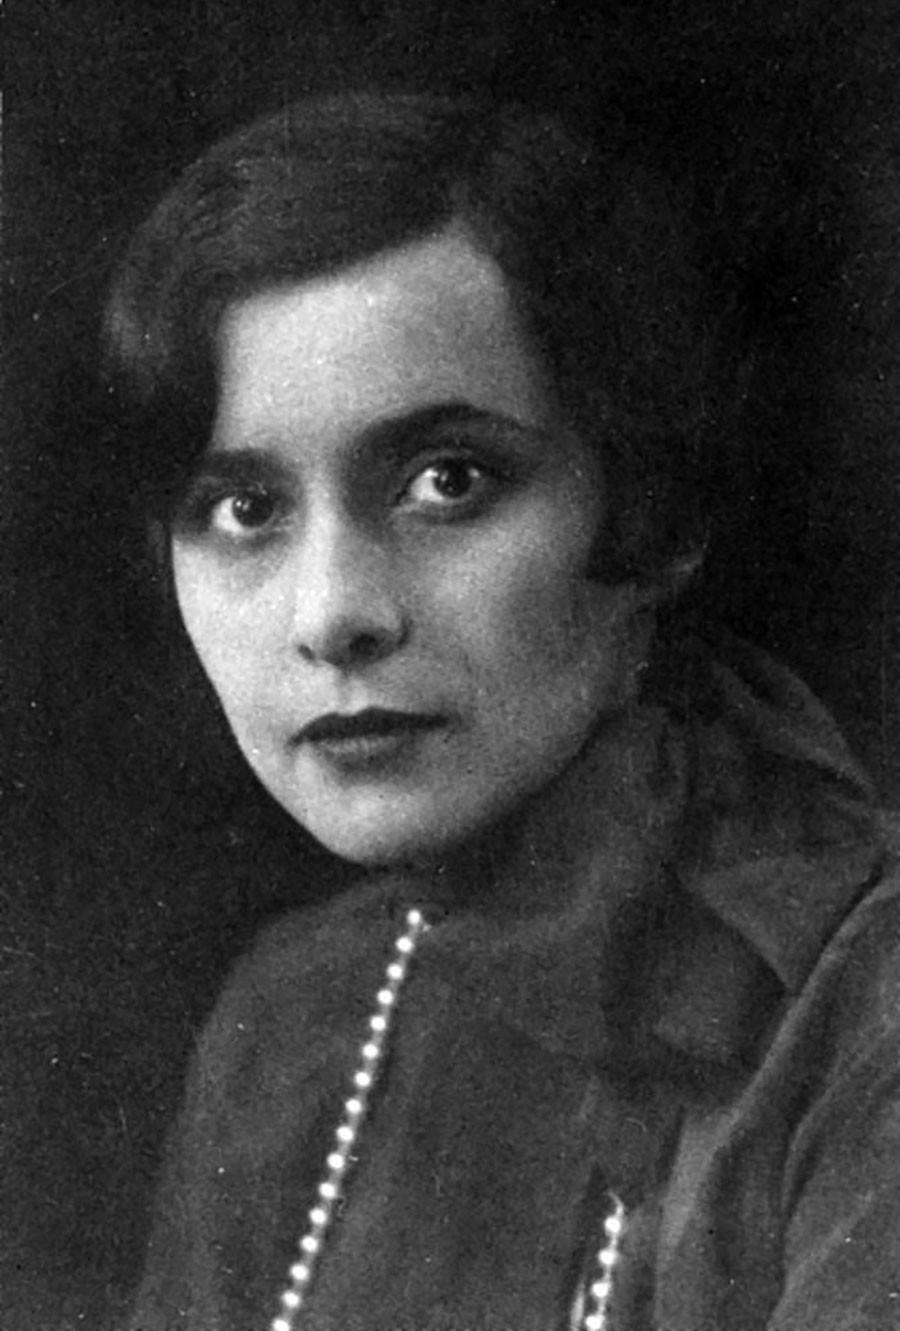 En 1950 Berberova est partie pour les États-Unis.